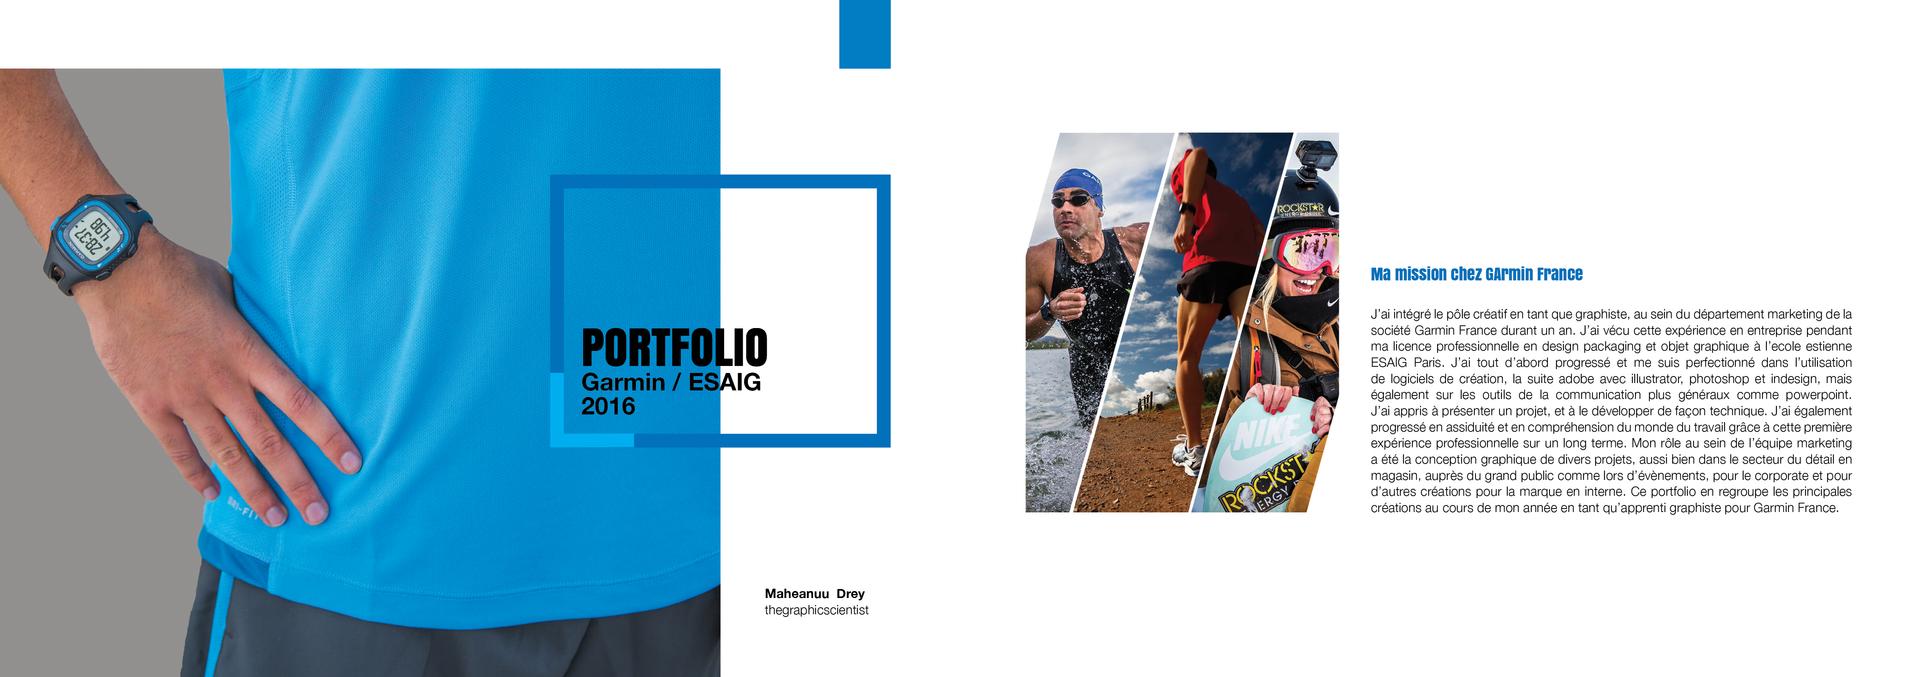 Portfolio - Garmin page 1